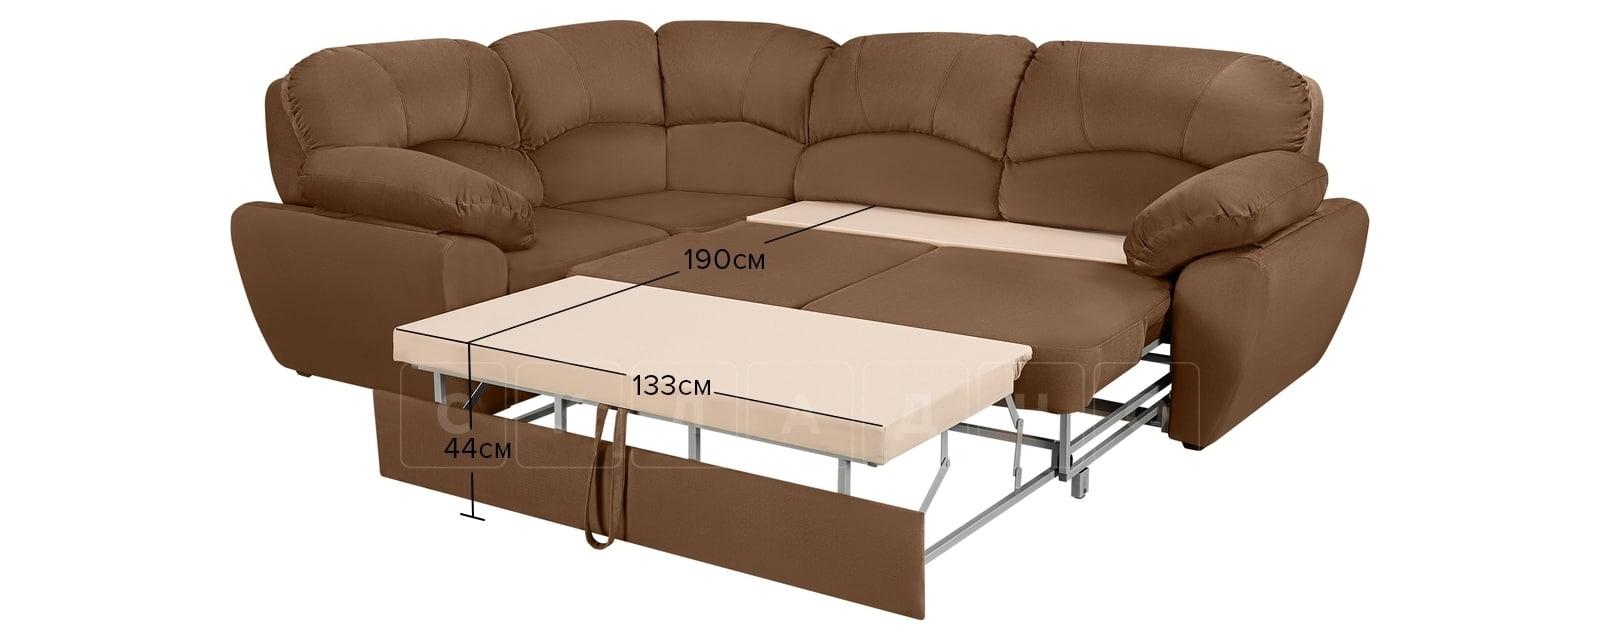 Угловой диван Эвита велюр коричневый левый угол фото 8 | интернет-магазин Складно